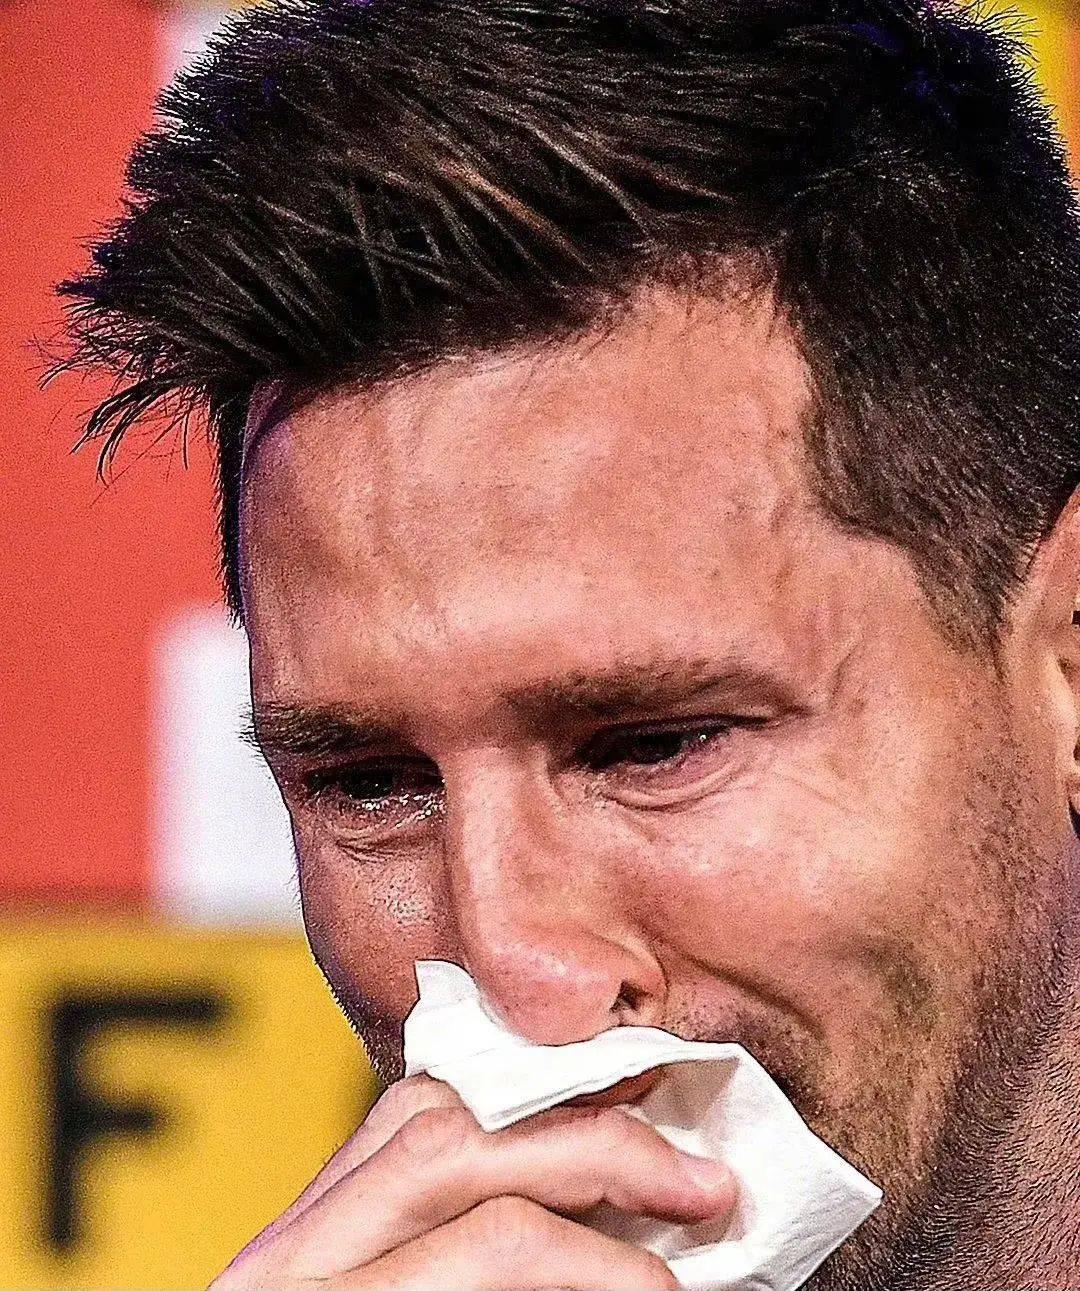 当梅西离开时,足球就像一滴泪